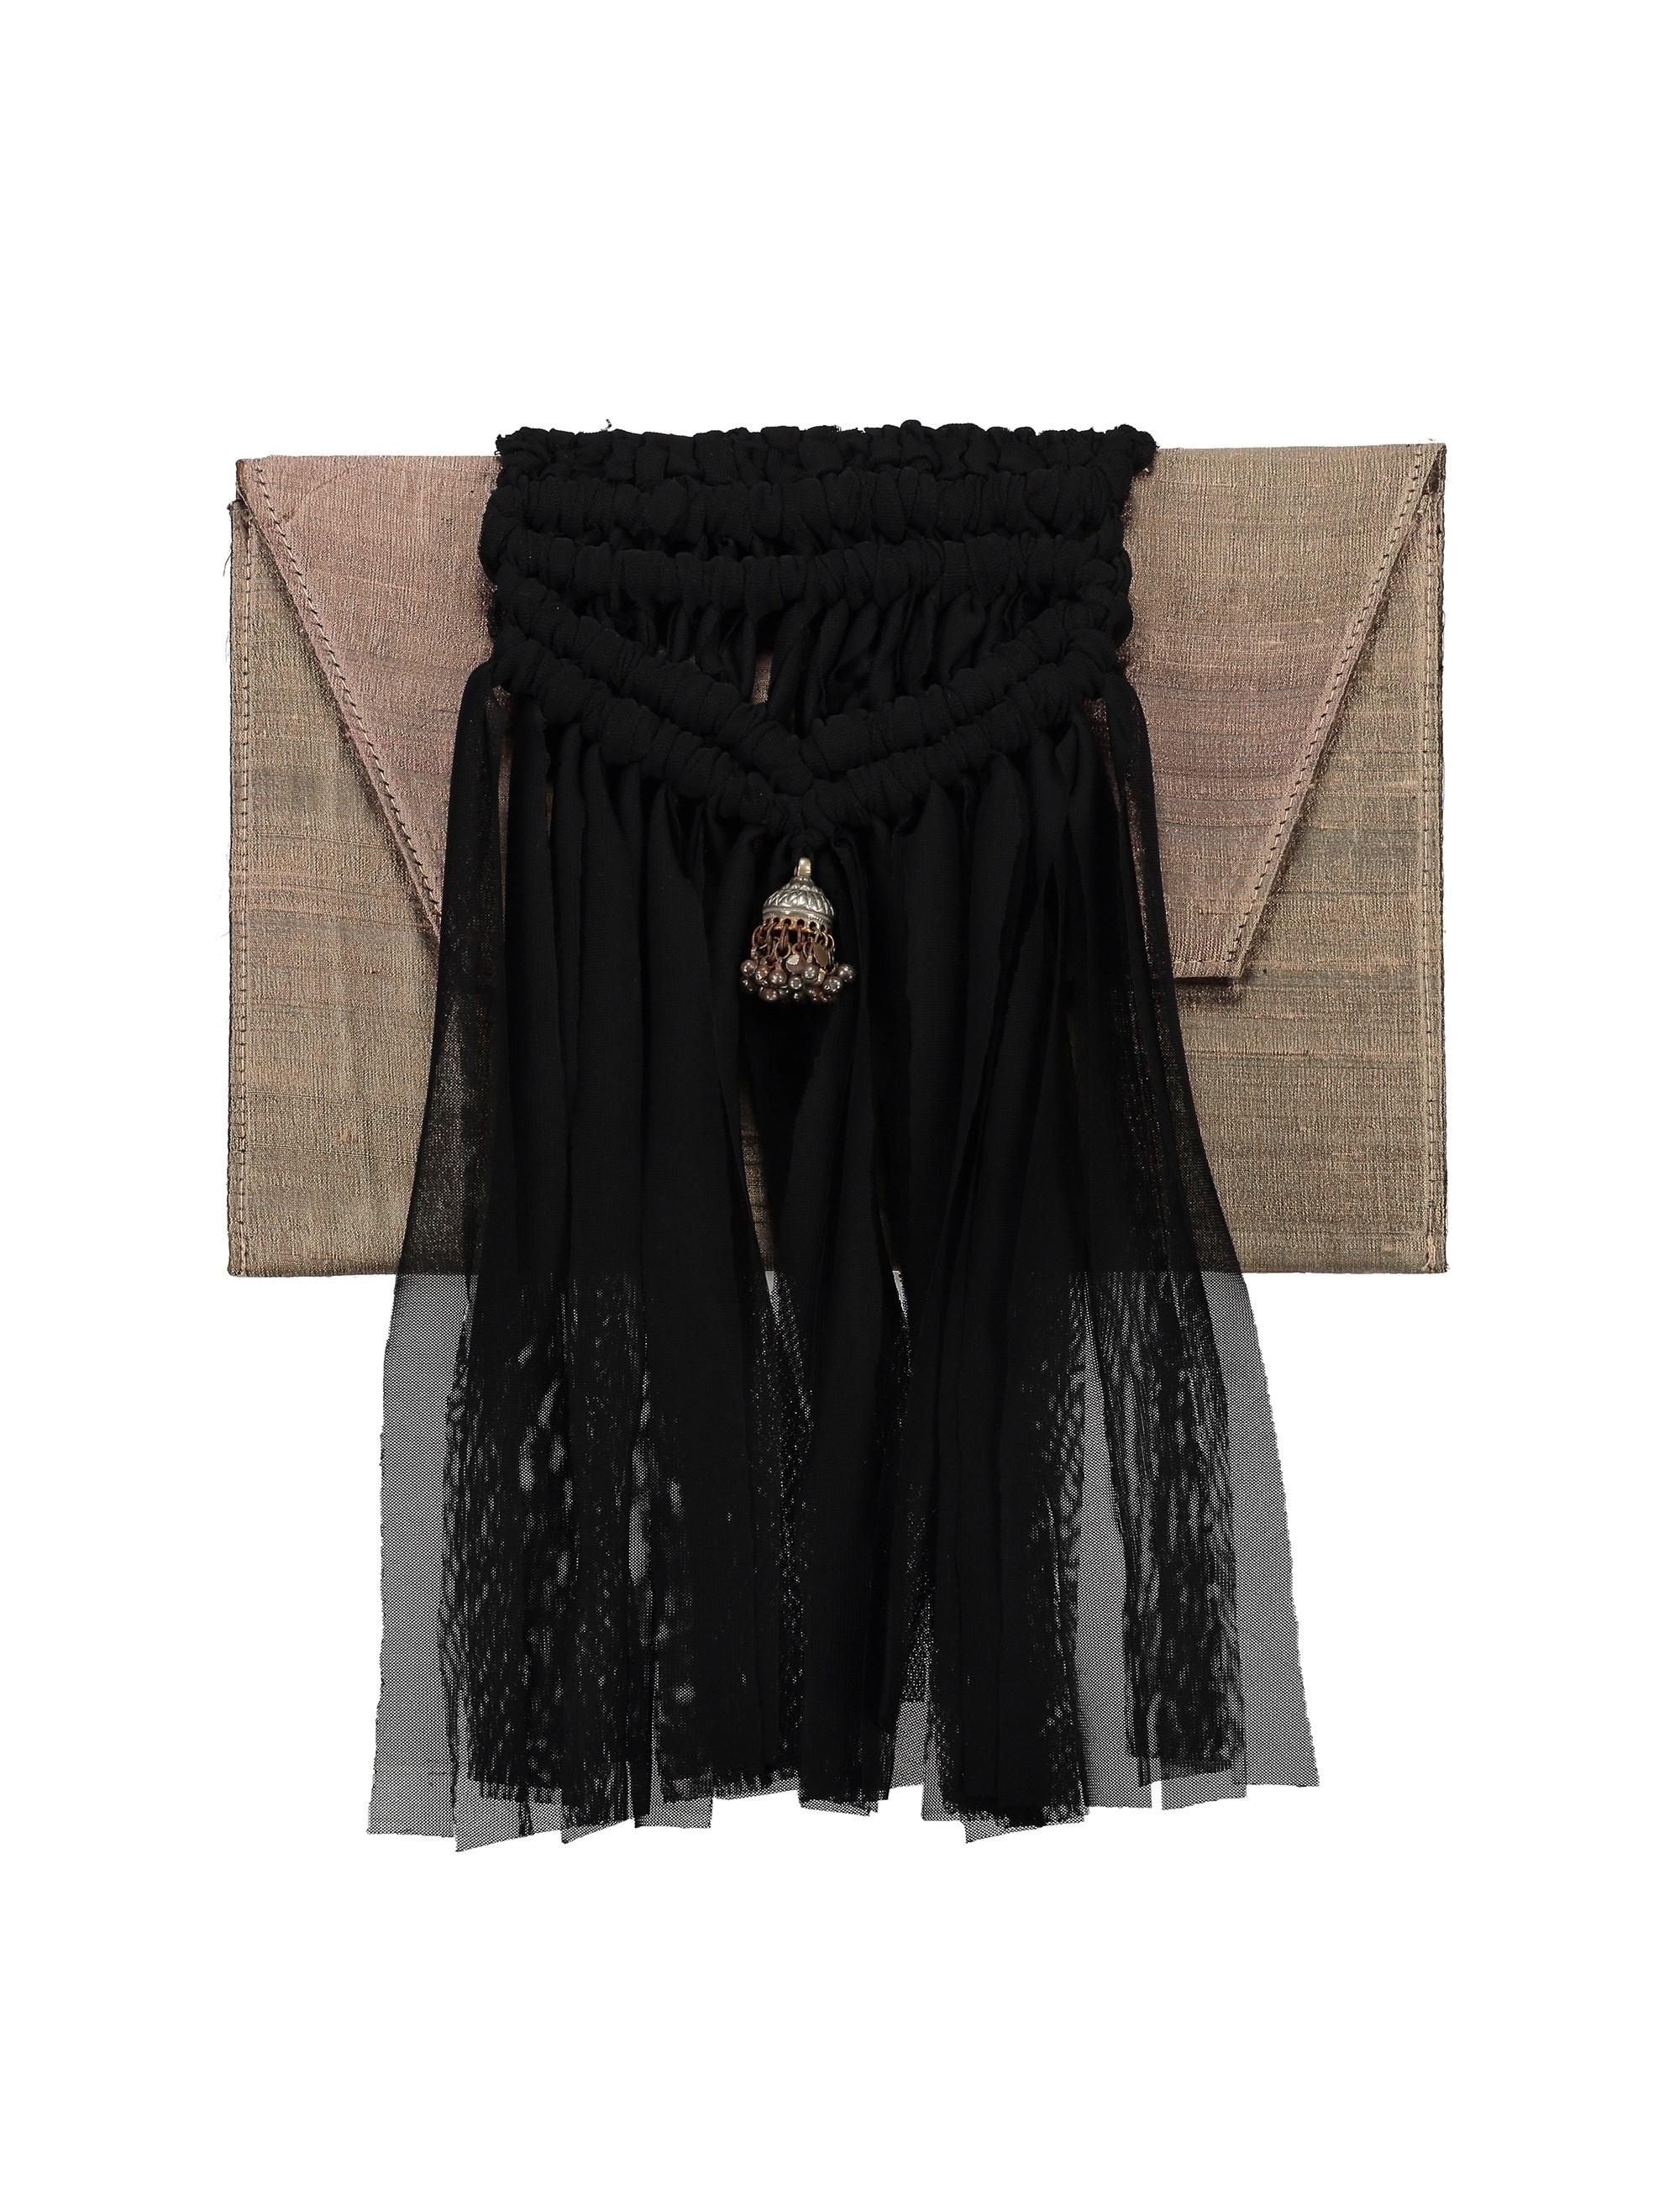 کیف دستی پارچه ای دست ساز زنانه - کندیس تک سایز